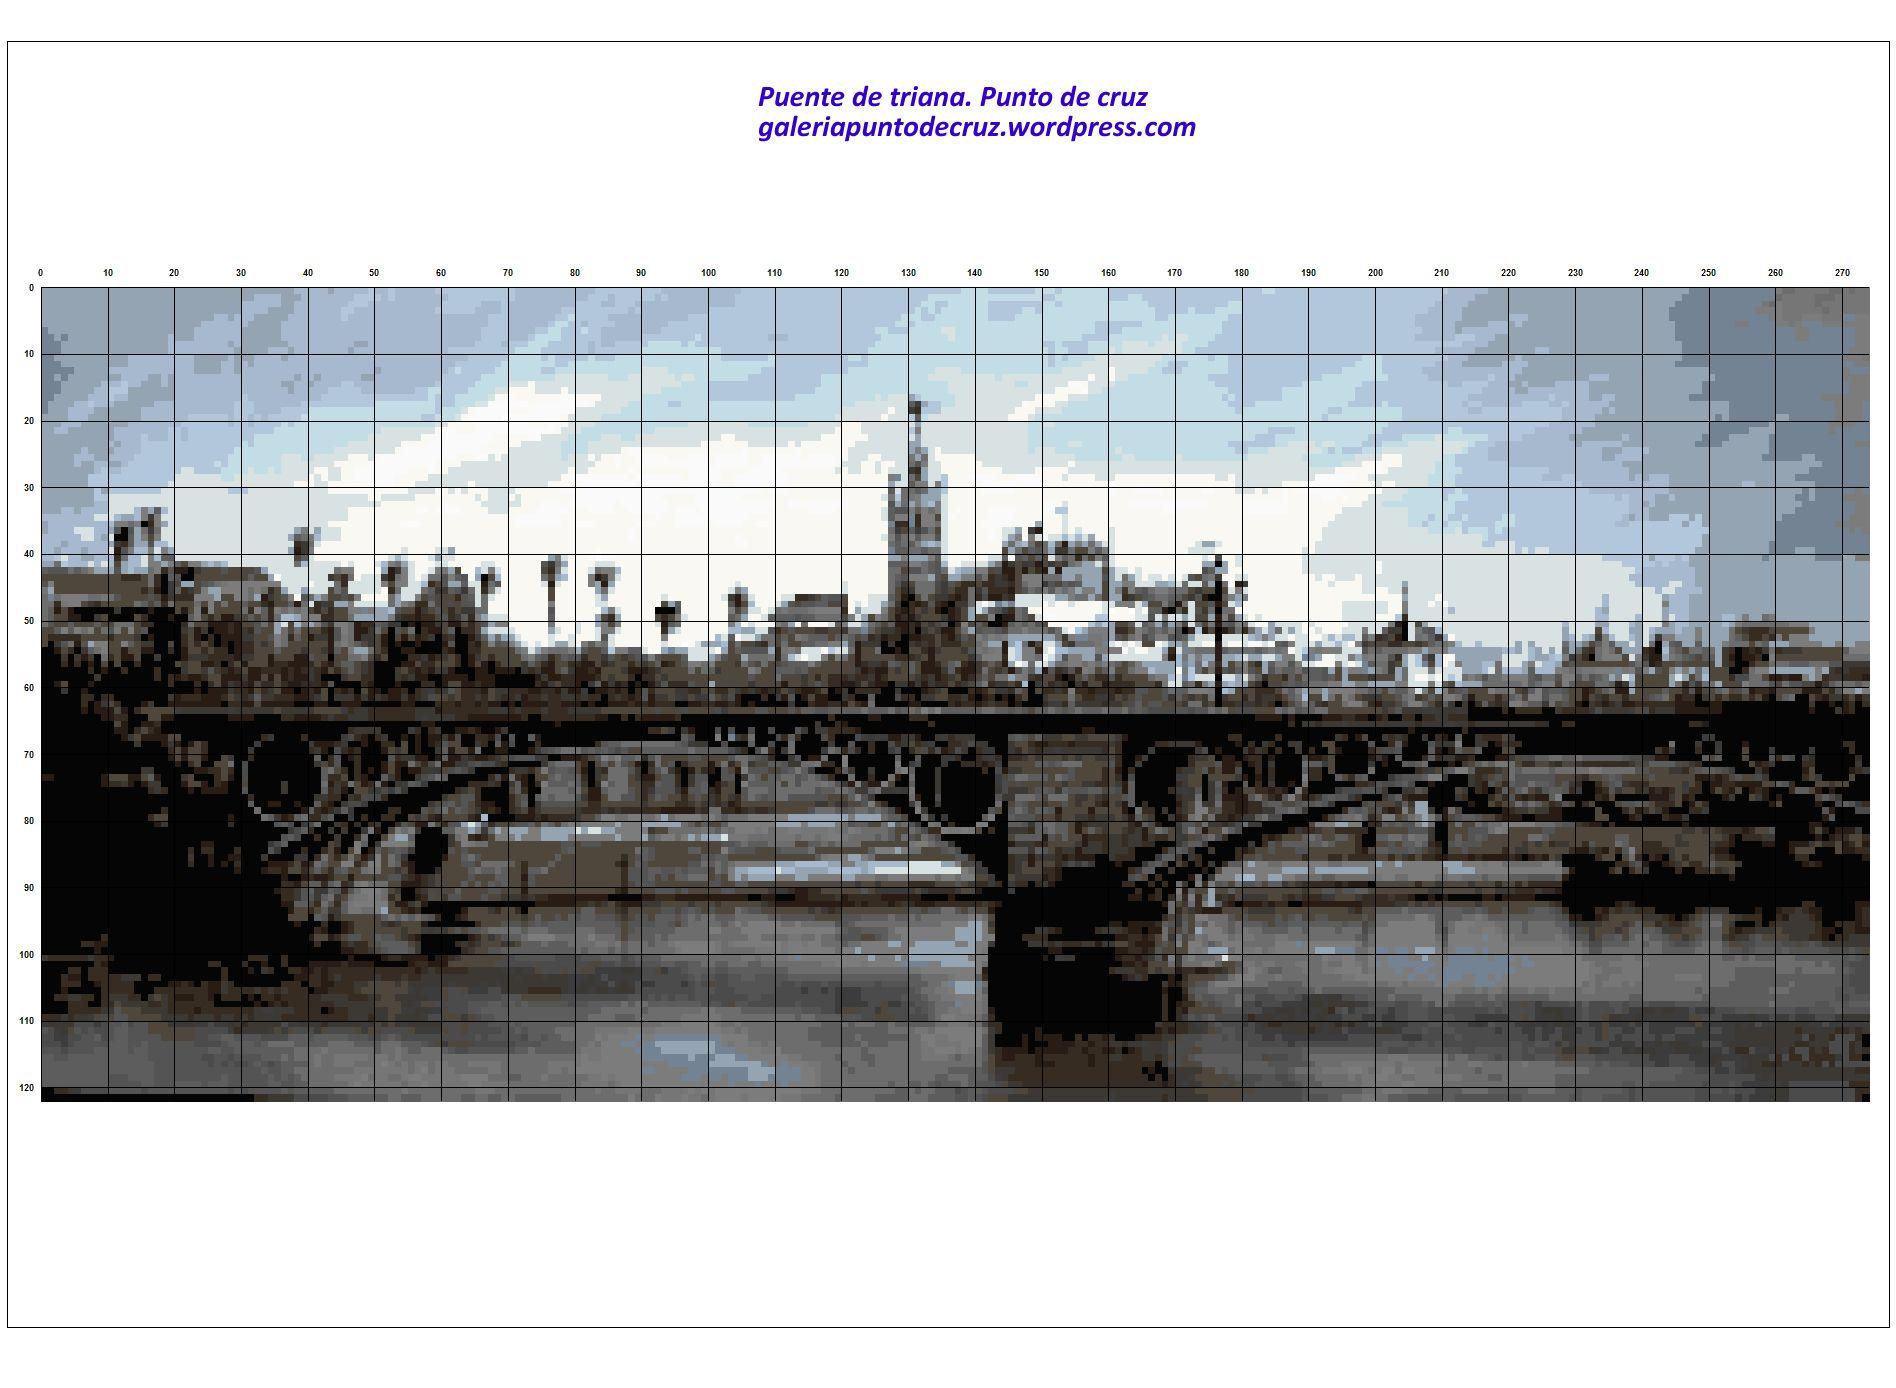 Puente de triana a punto de cruz (2)   Pinterest   Puentes, Punto de ...